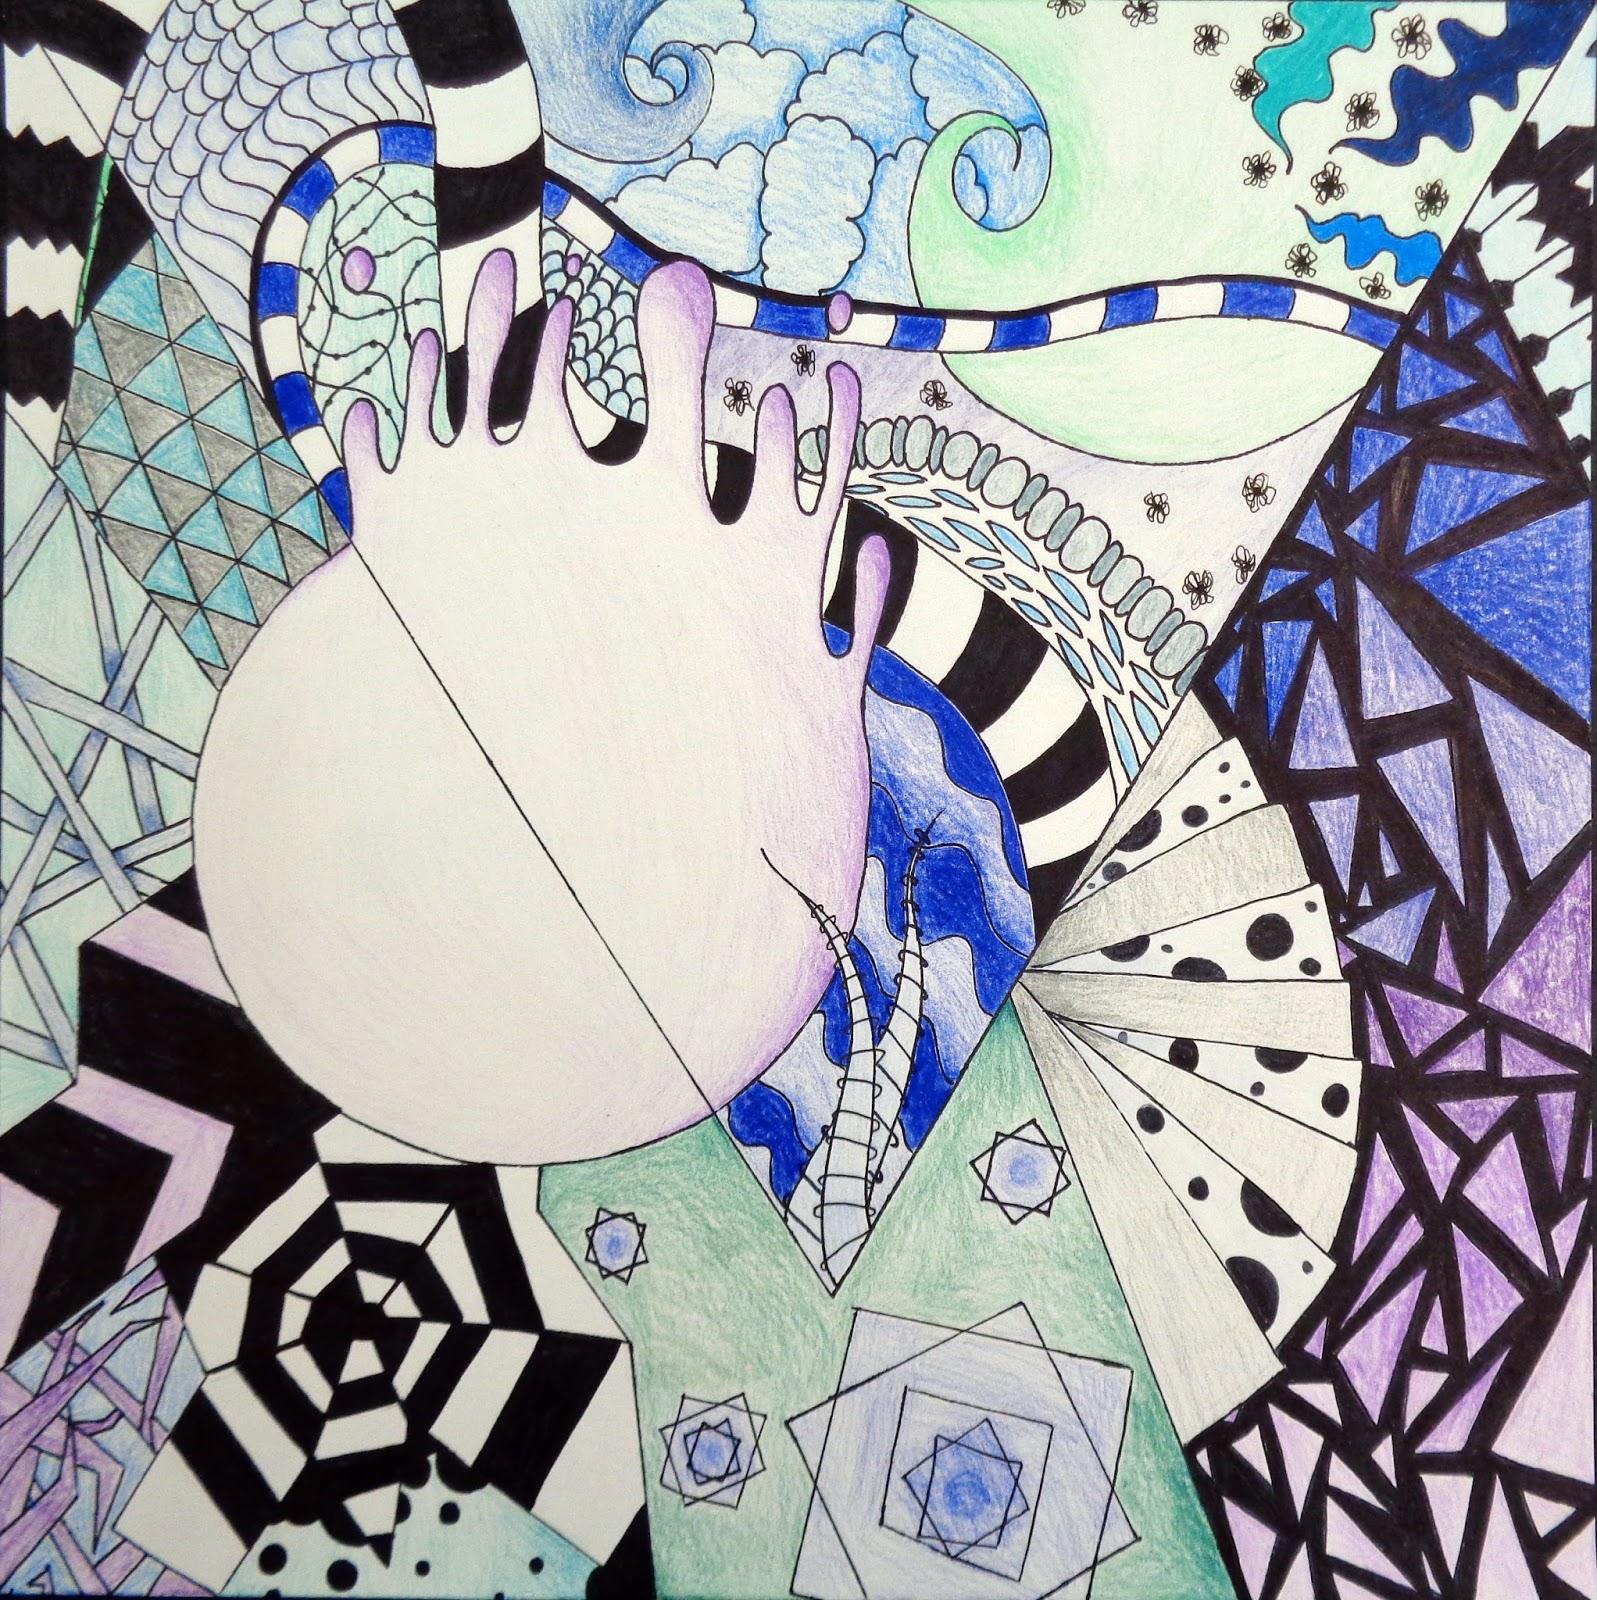 Hudsonville Art Program: Zentangle Non-Objective Project